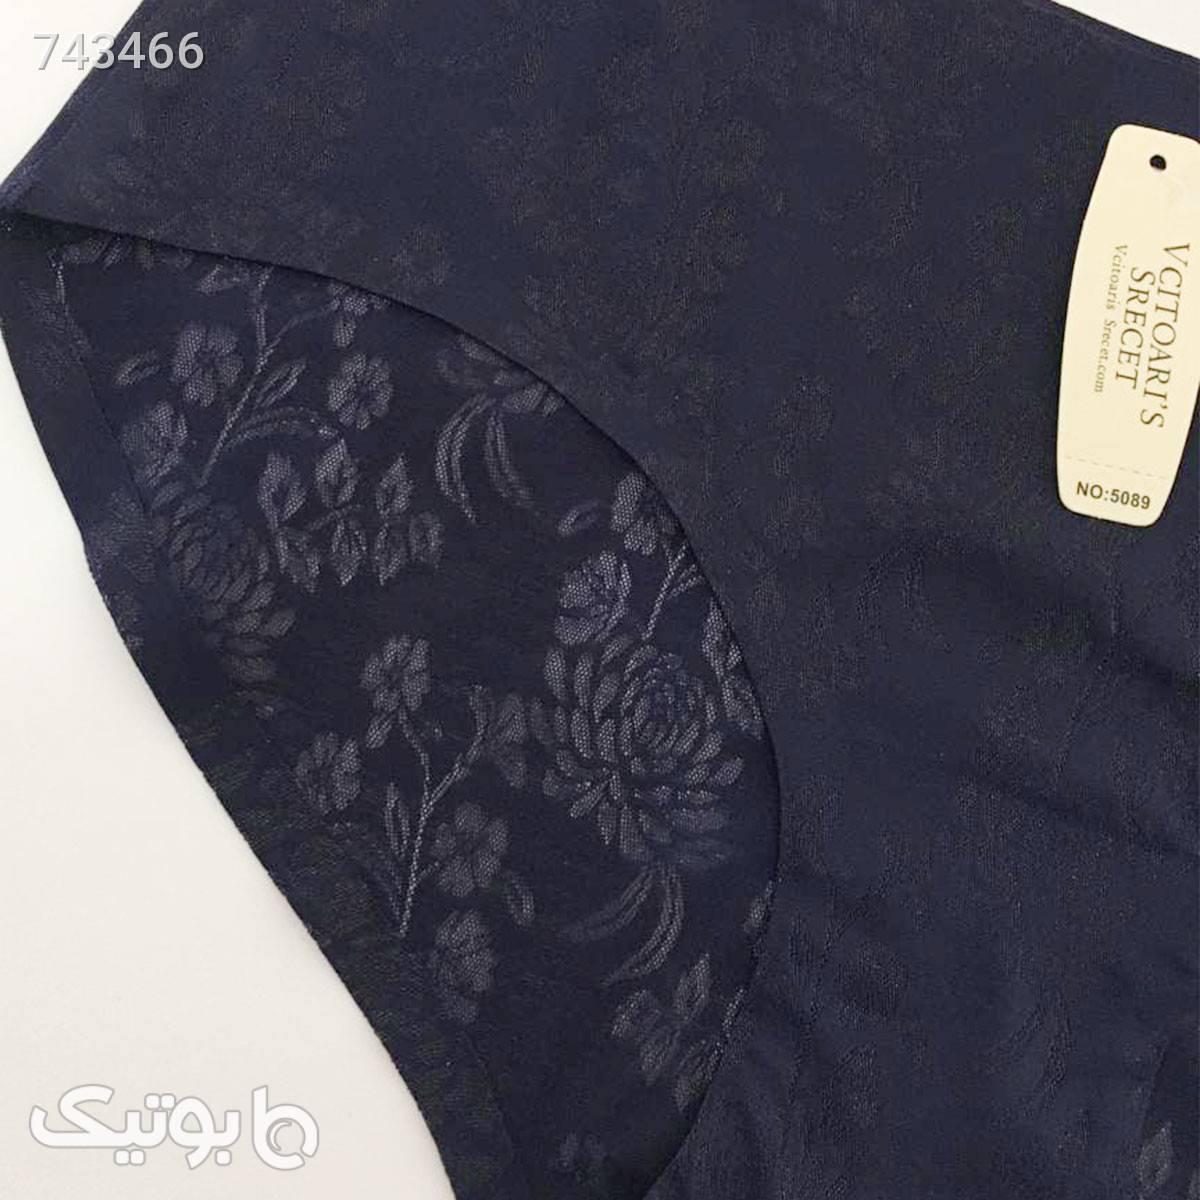 لباس زیر لیزری طرحدار فاق کوتاه بسته ۵ عددی VCITOARIS SRECET کدshw2108 آبی لباس زیر زنانه